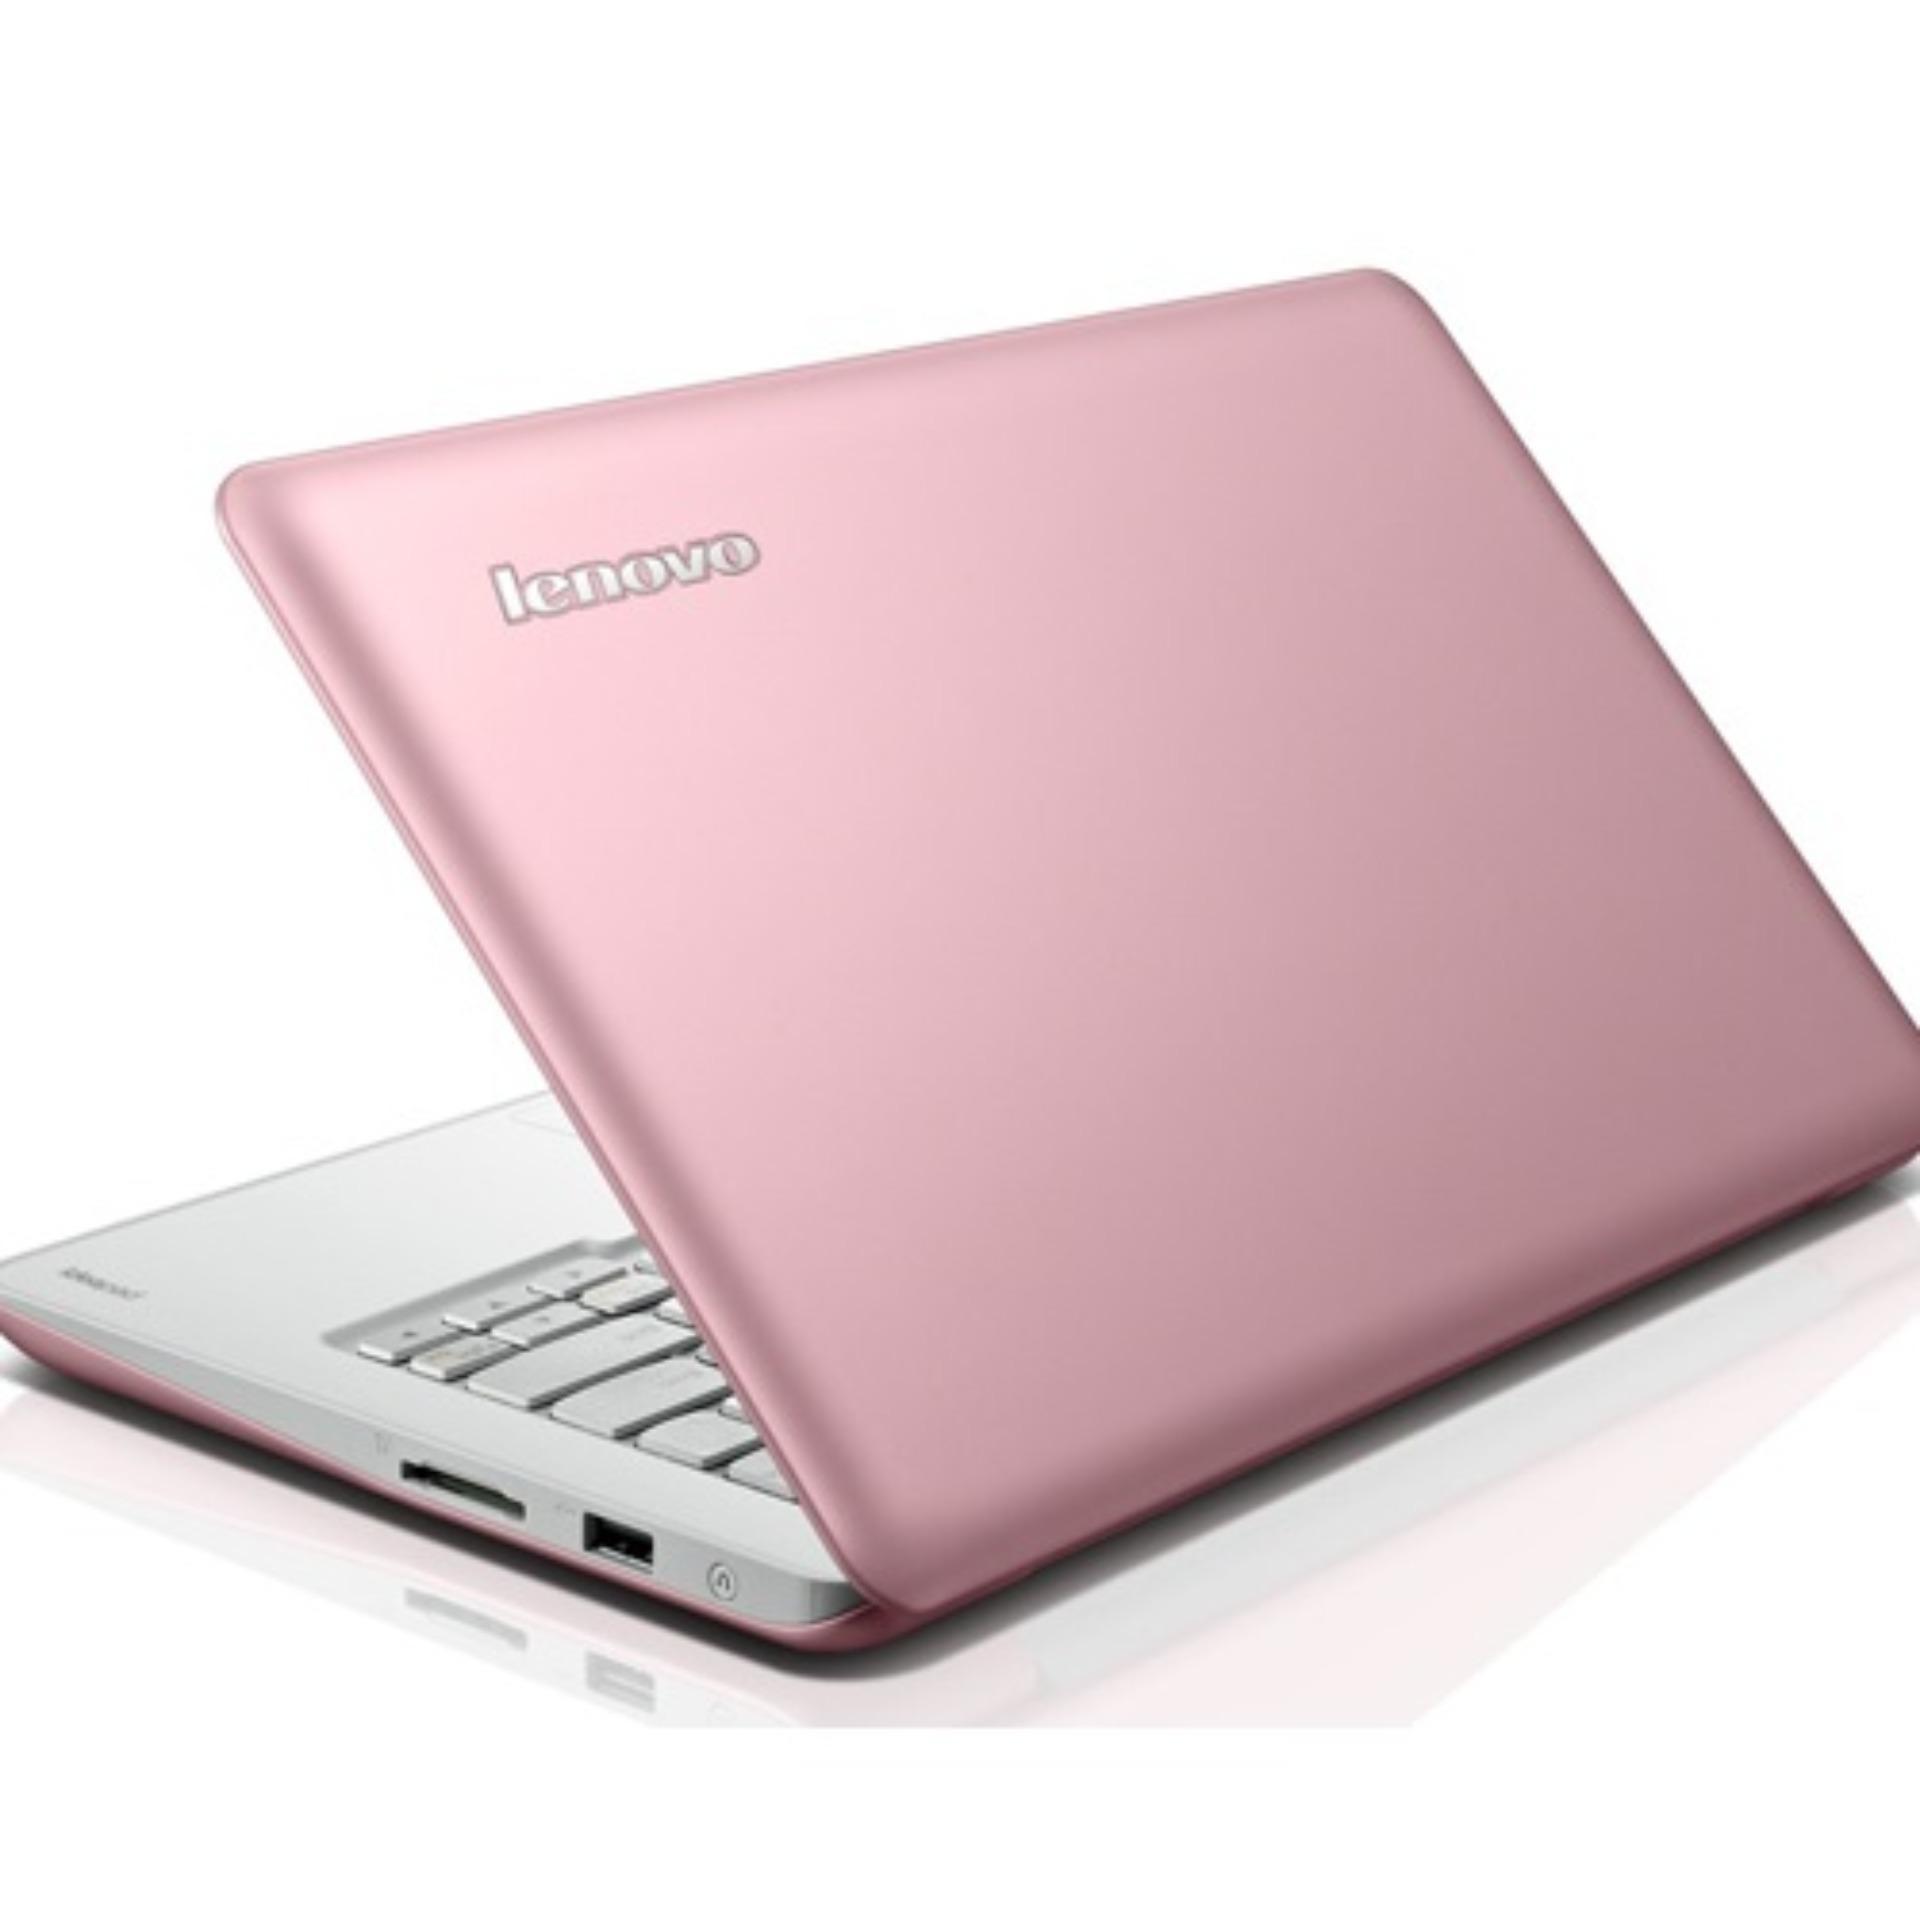 Hình ảnh Laptop Lenovo Ideapad 120S 11IAP N3350/2GB/32GB/Win10/(81A400DYVN) Hồng - Hãng phân phối chính thức